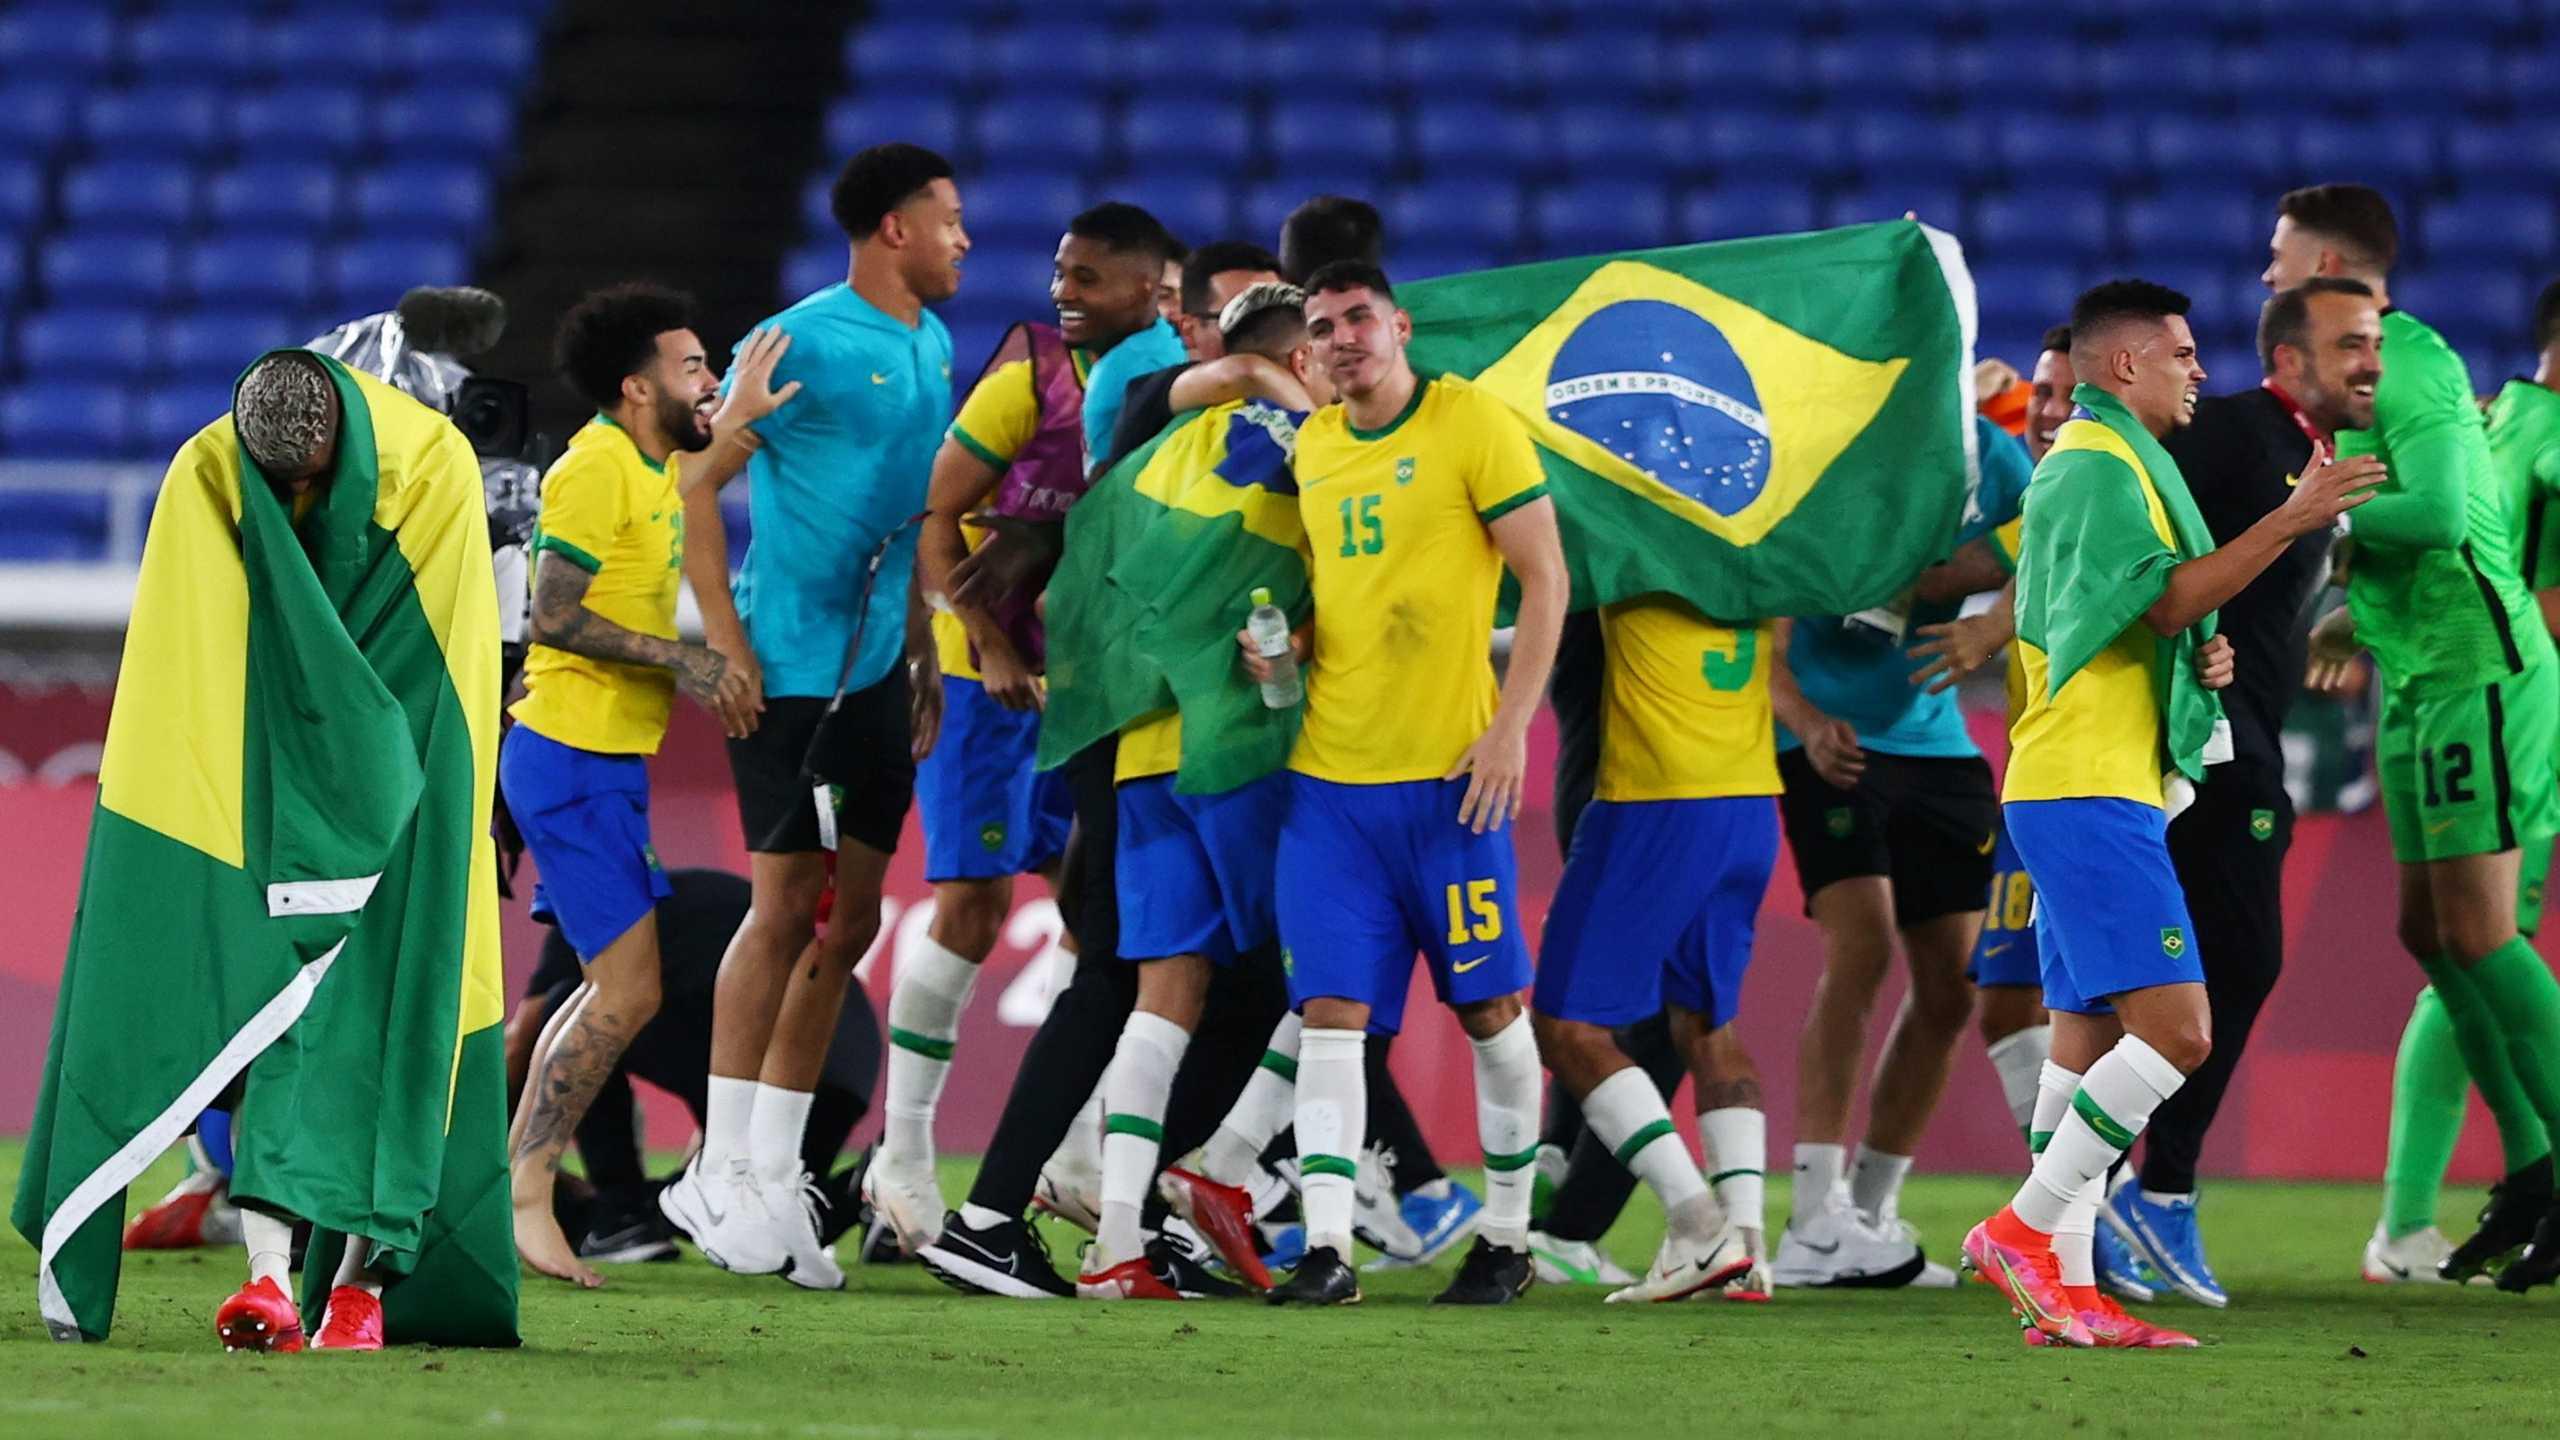 Ολυμπιακοί Αγώνες: Βραζιλία από «χρυσάφι» ξανά στο ποδόσφαιρο, νίκησε στην παράταση την Ισπανία